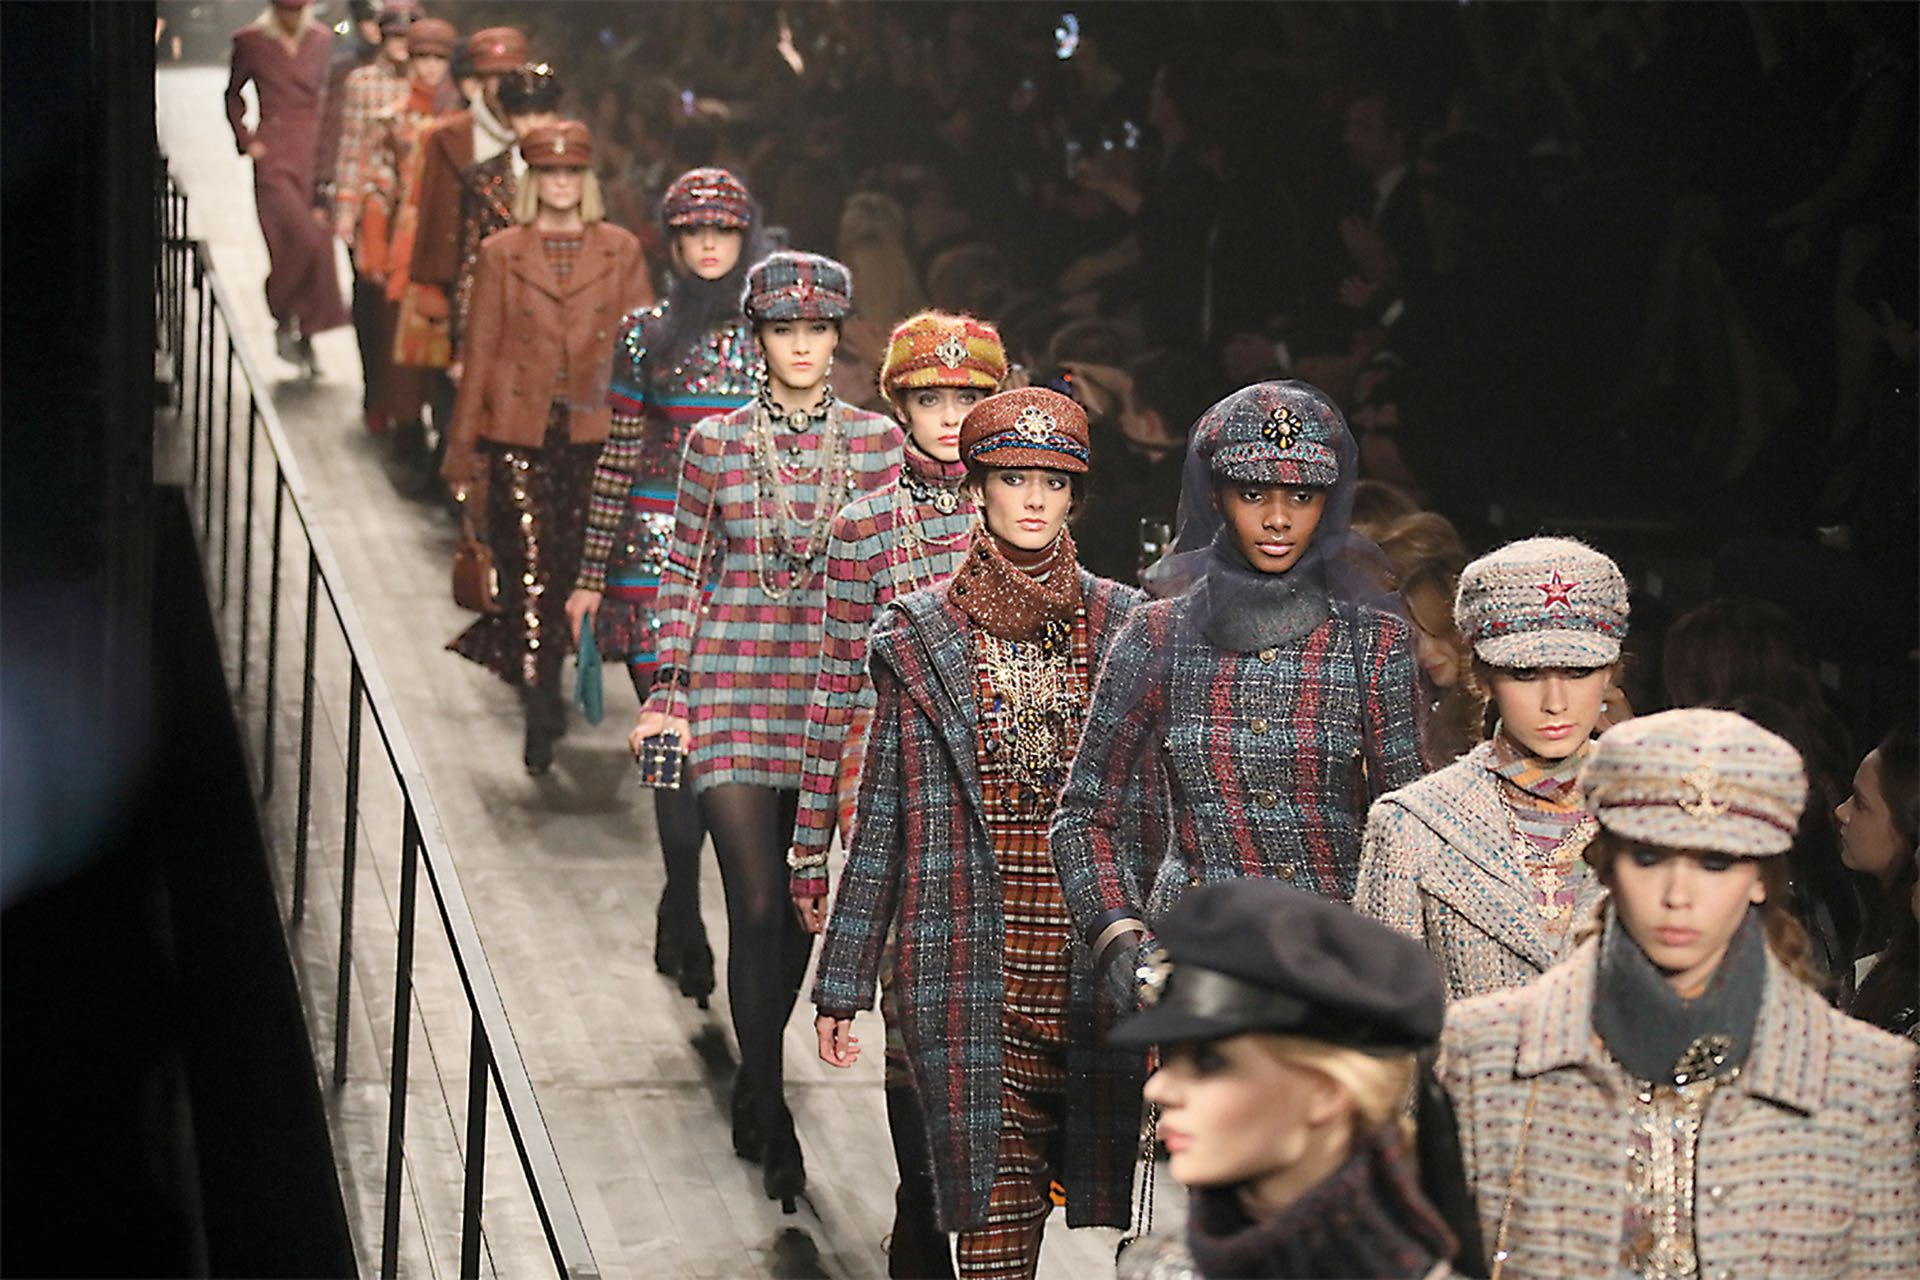 Las modelos marchan en el desfile Maisons d'art de Chanel en Moscú, de inspiración mundialista.